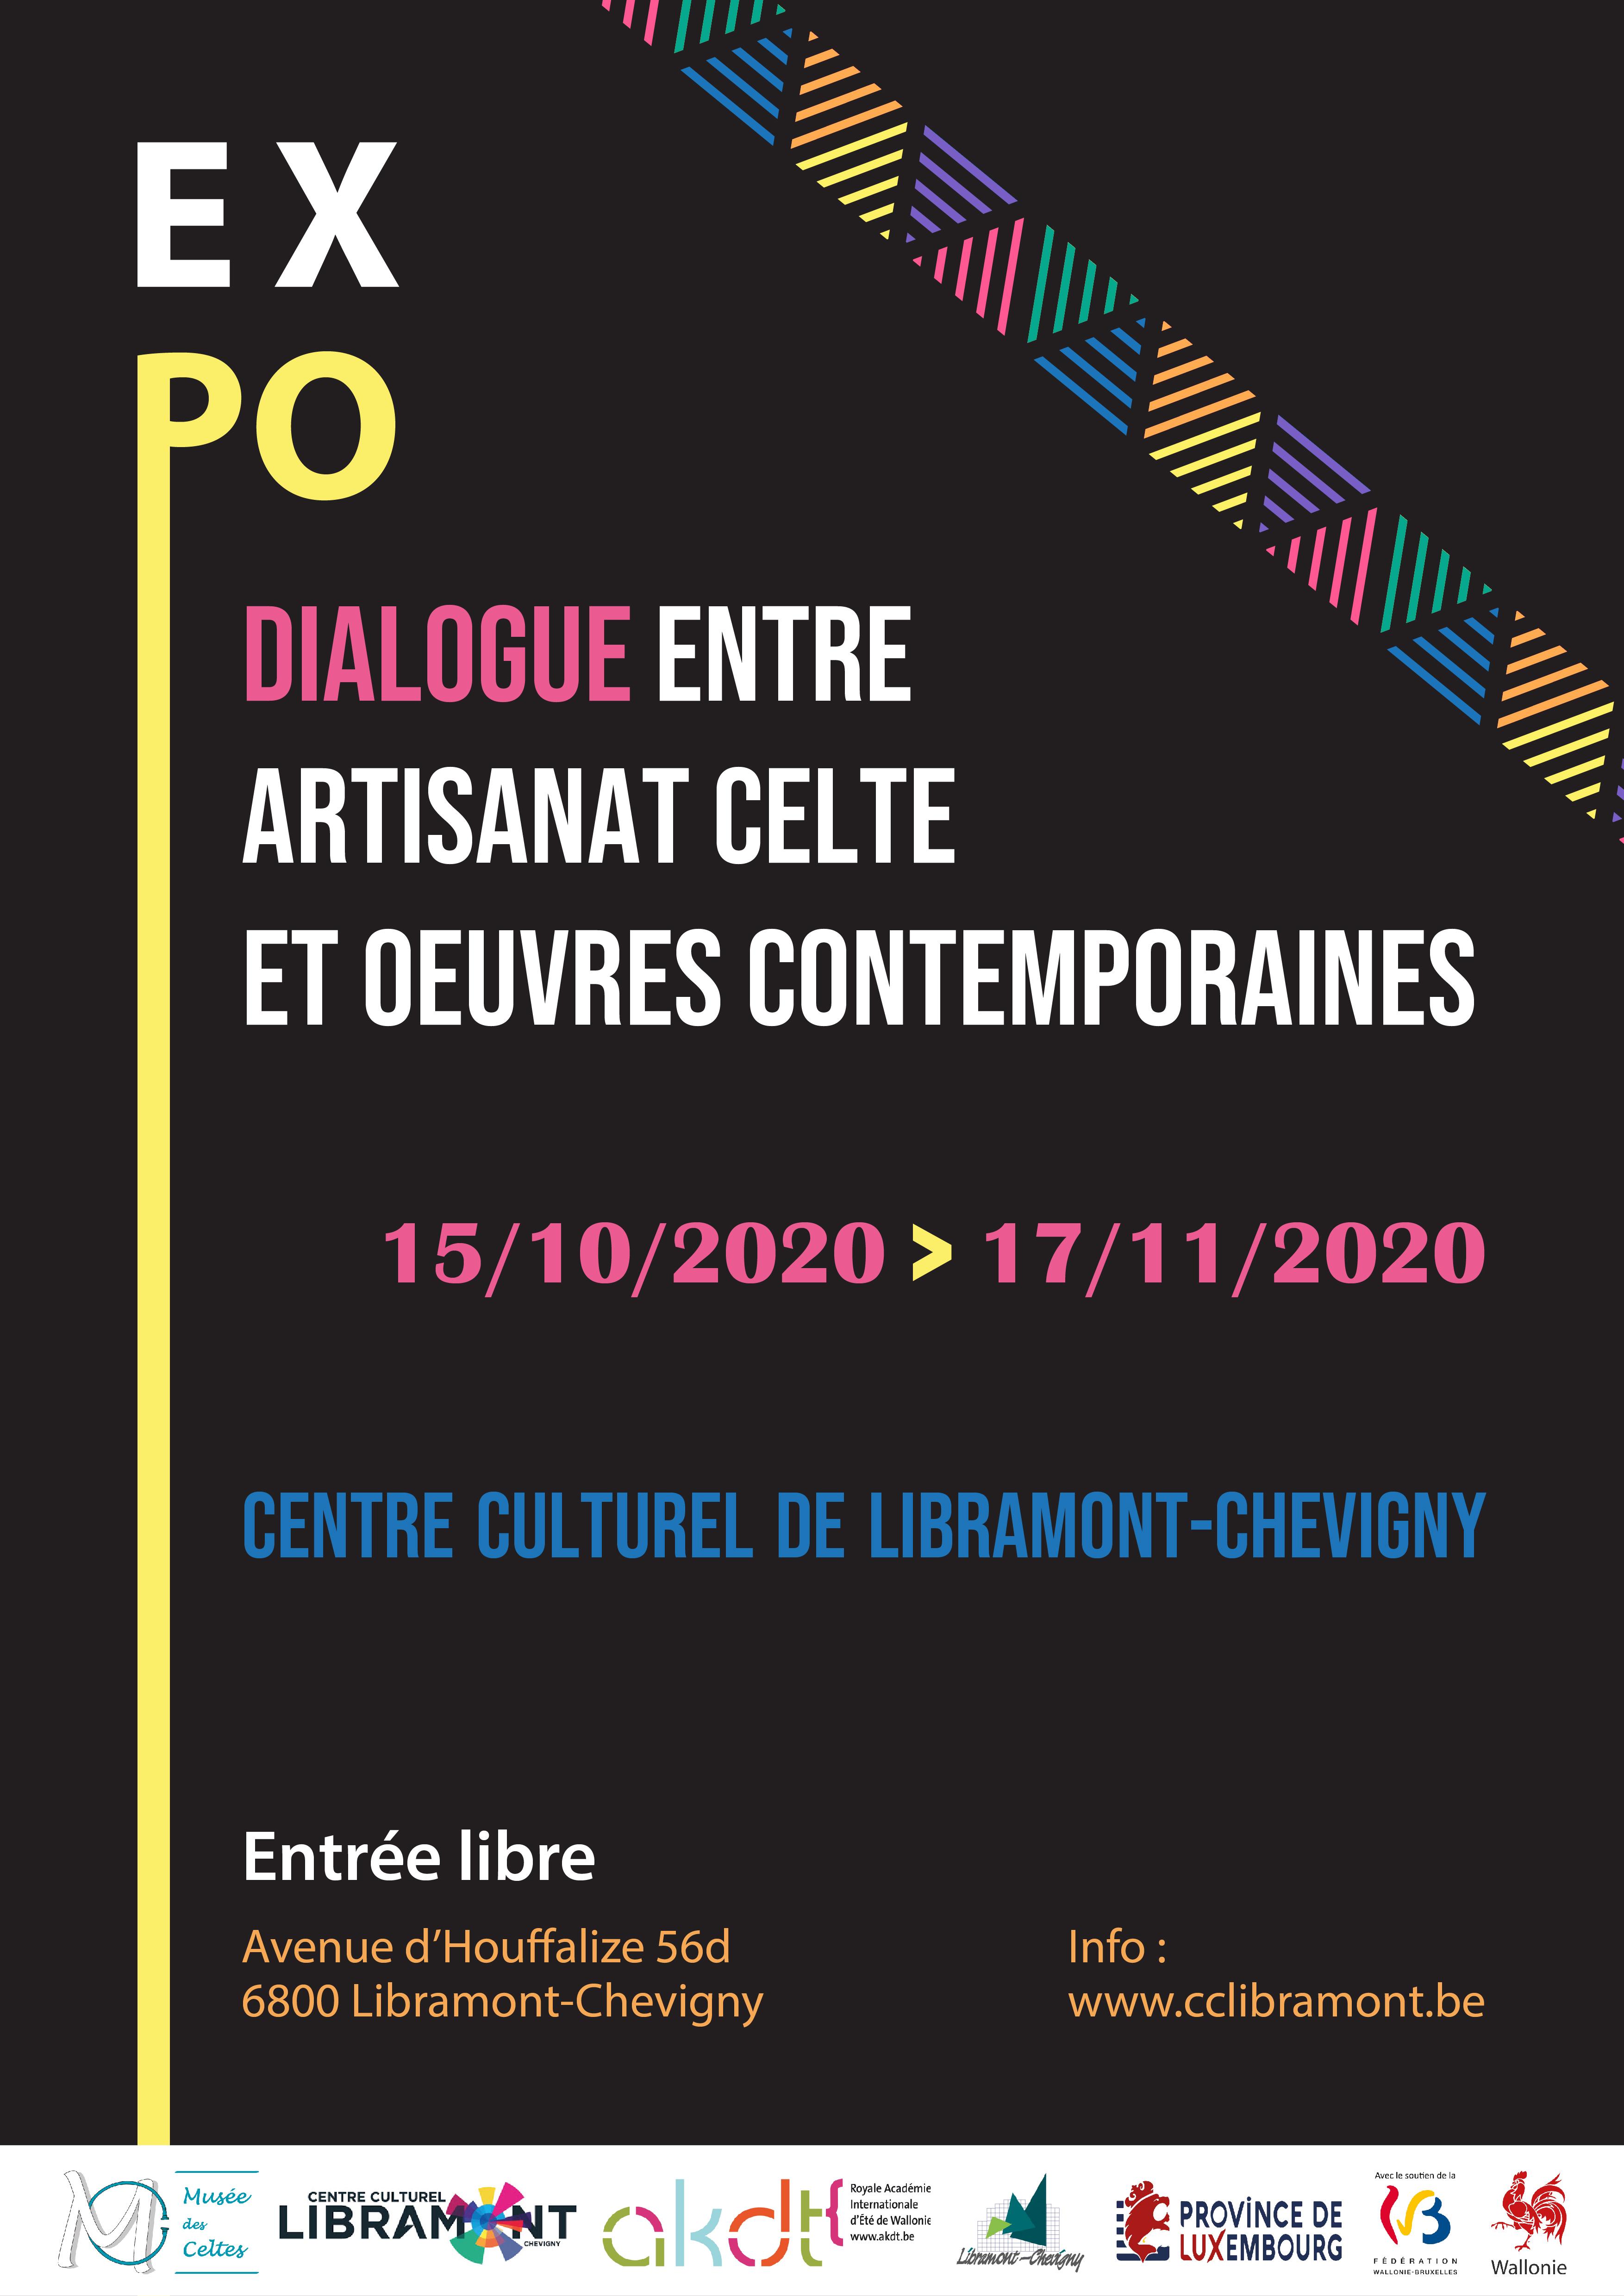 Expo : Dialogue photo